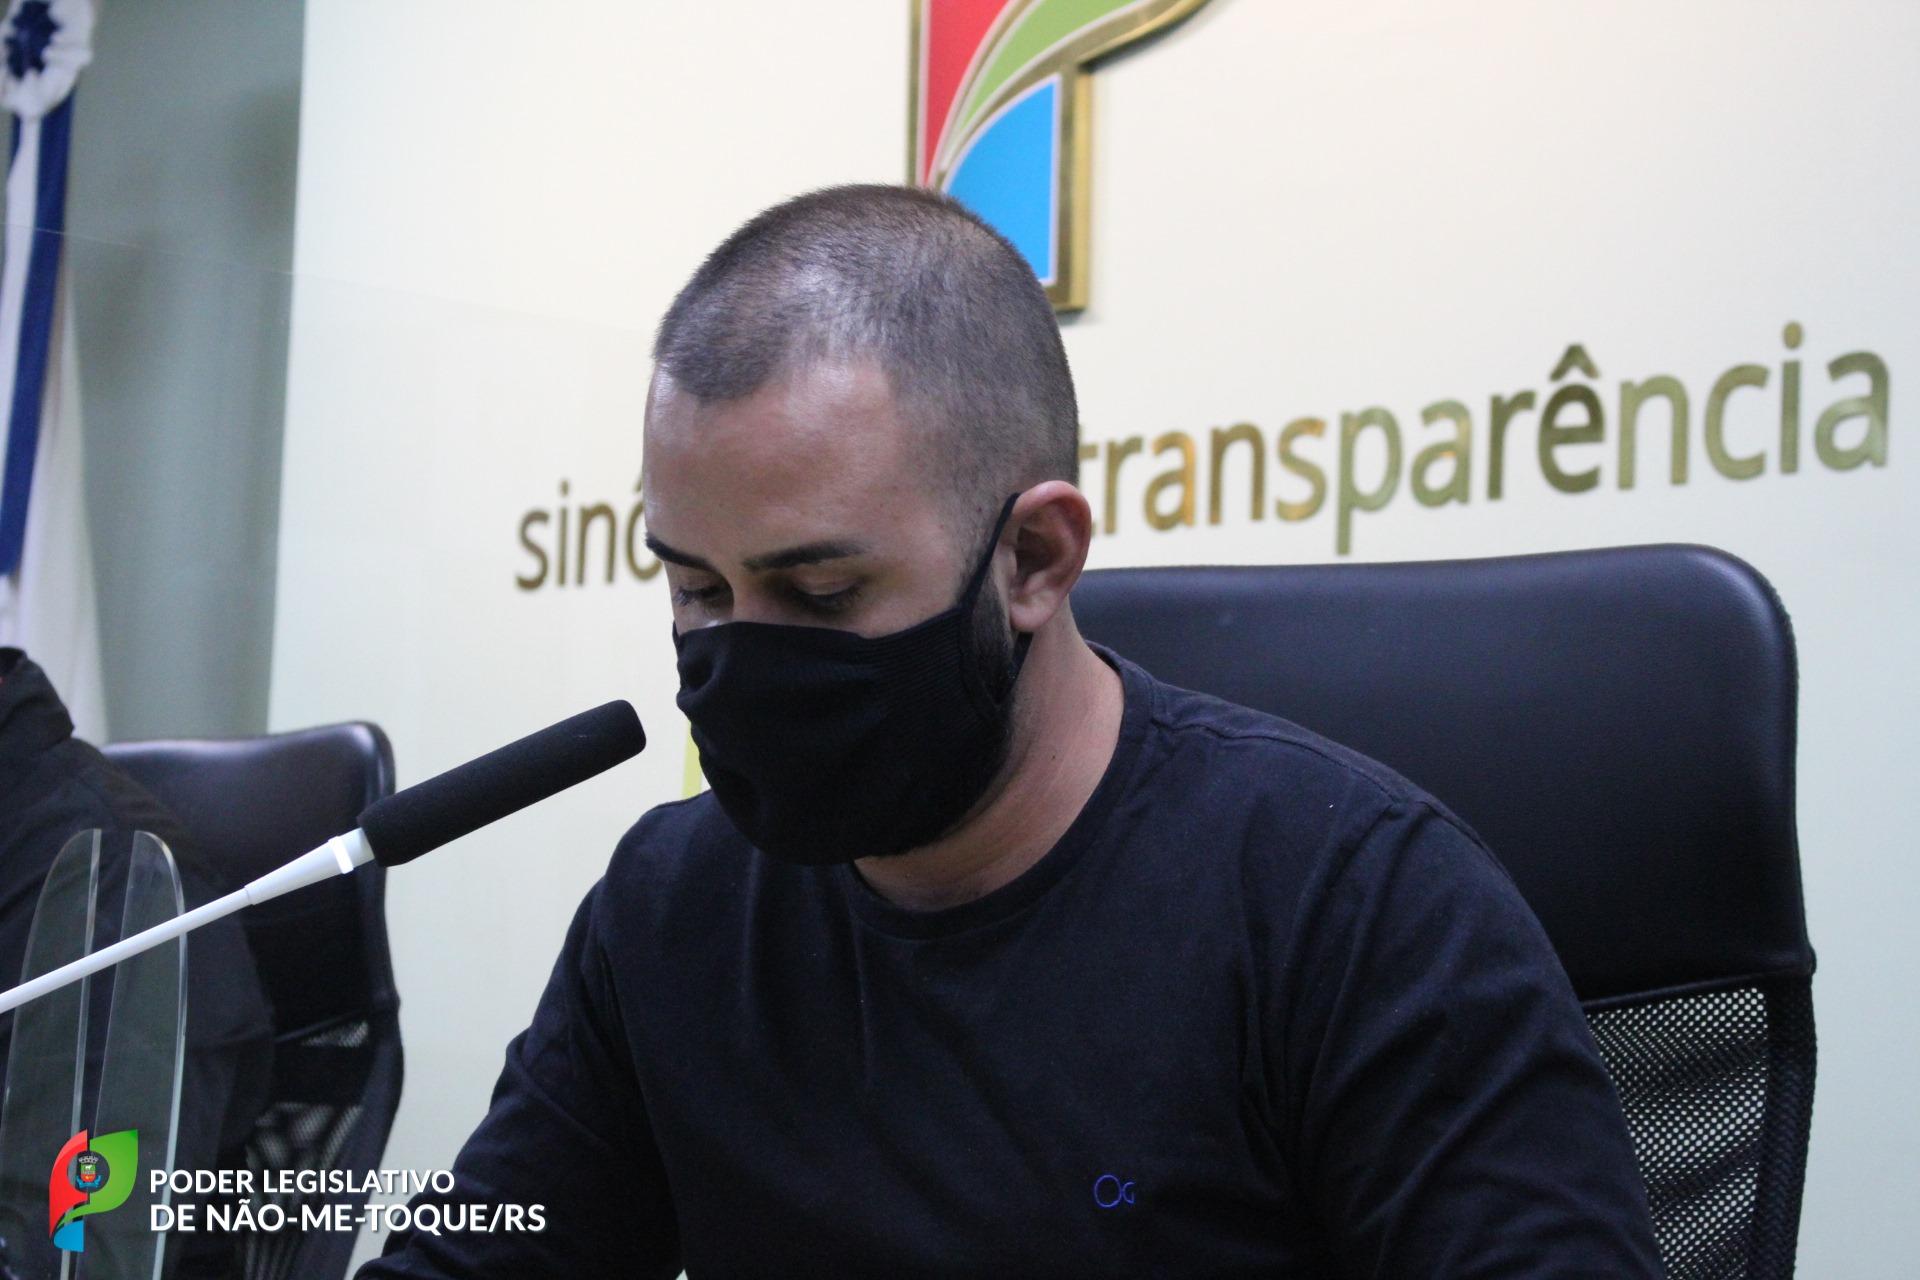 Vereador Charles Morais pede licença da Câmara de Não-Me-Toque